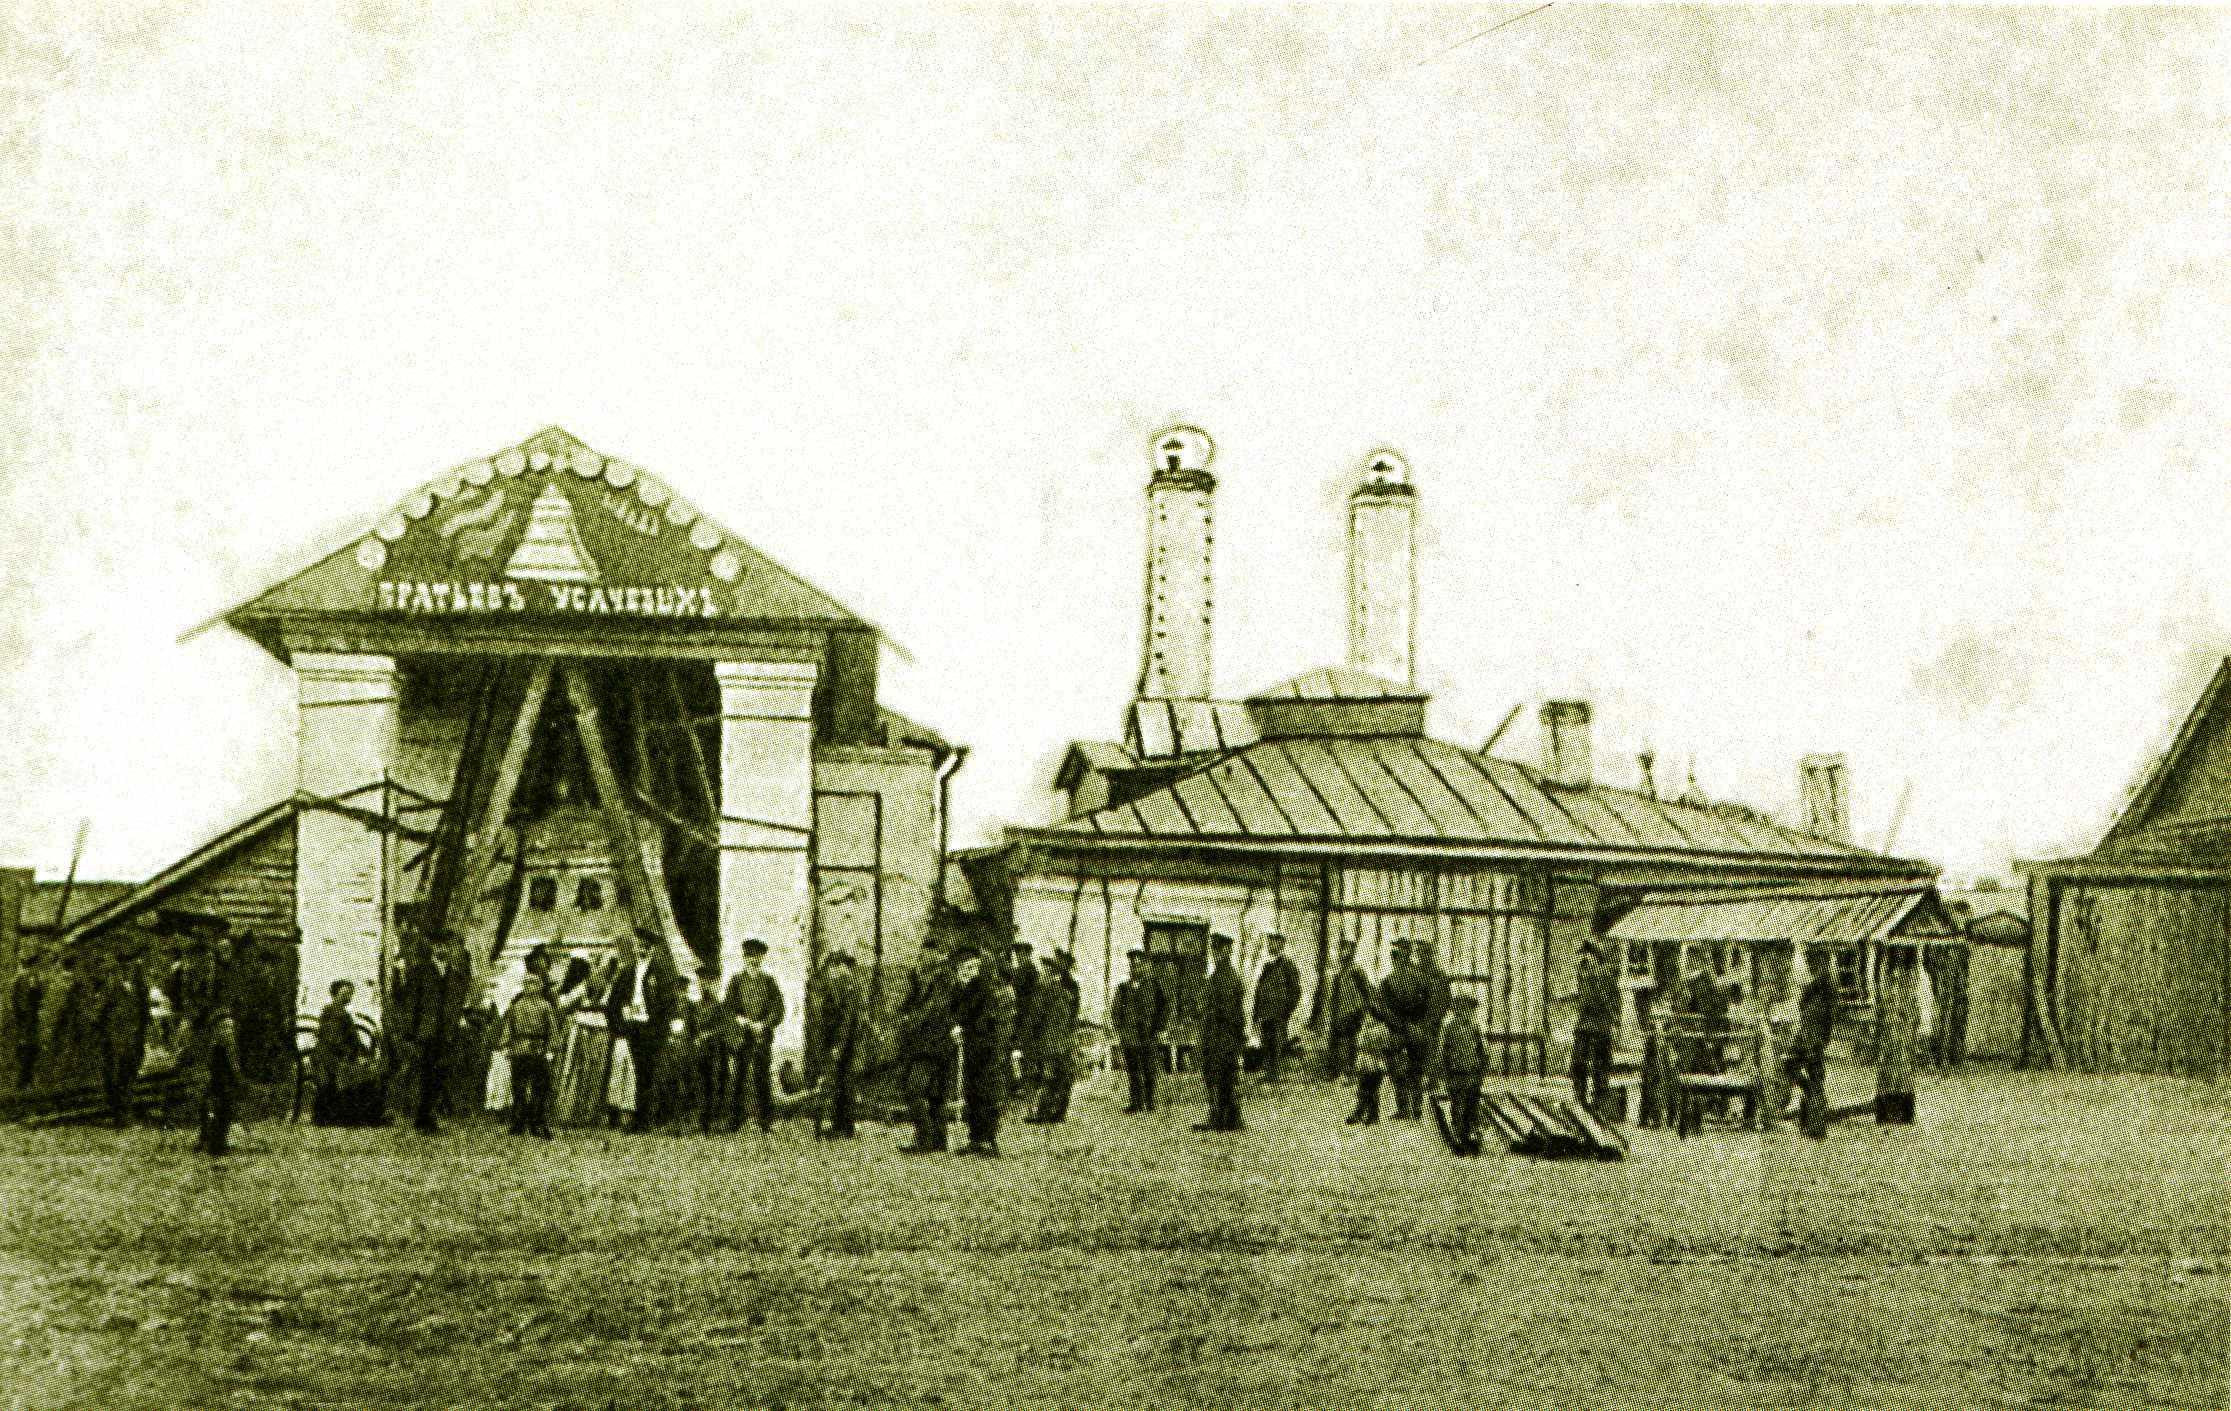 Колокольный завод братьев Усачевых